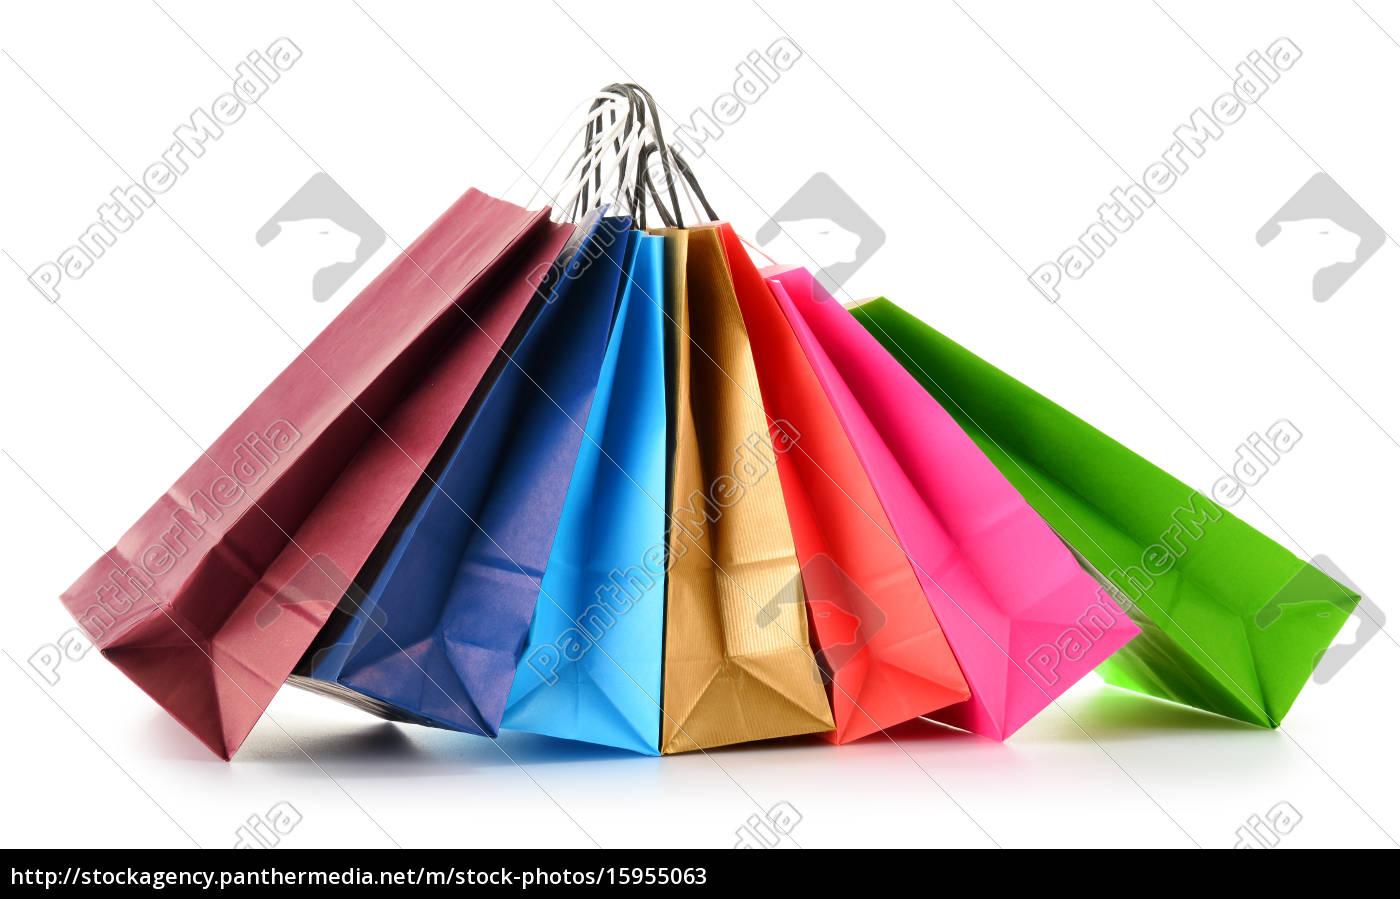 papier-einkaufstüten, isoliert, auf, weißem, hintergrund - 15955063